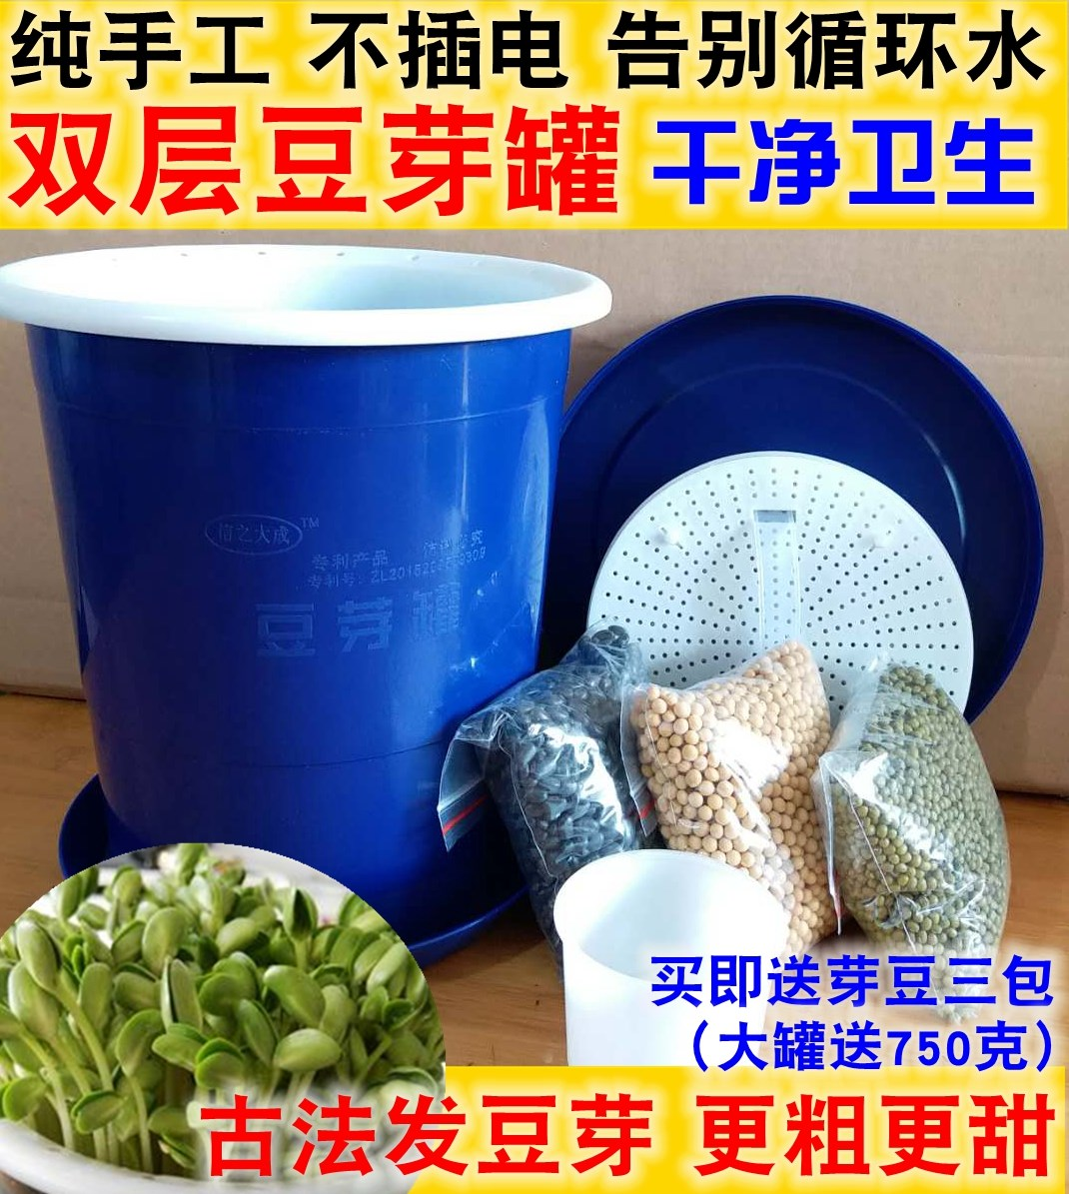 生豆芽机家用豆芽罐发绿豆花生芽非土陶芽苗菜豆芽菜种植桶育苗盆